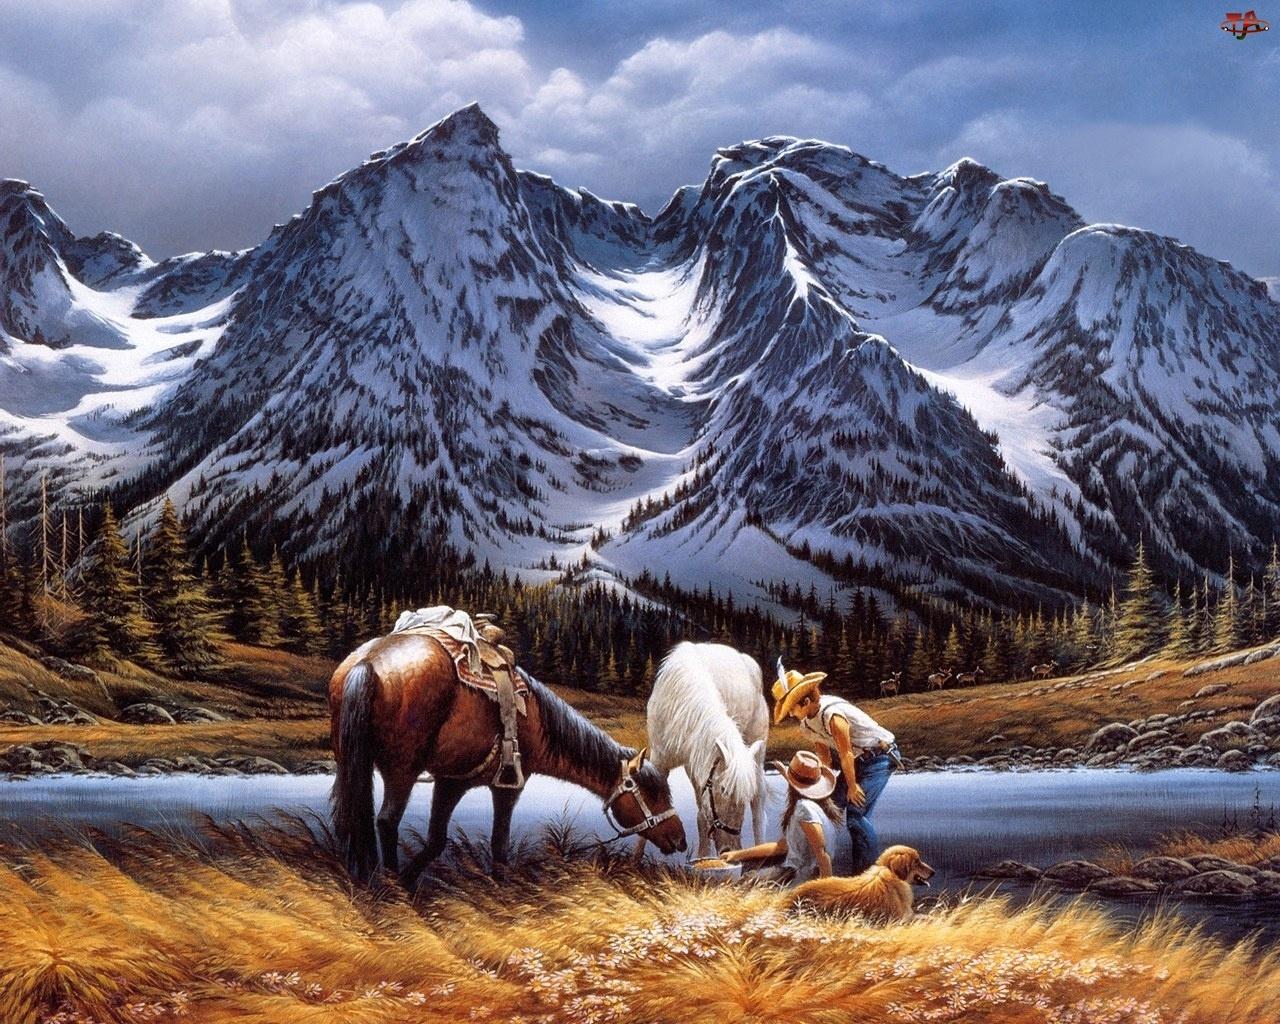 Malarstwo, Ośnieżone, Łąka, Góry, Konie